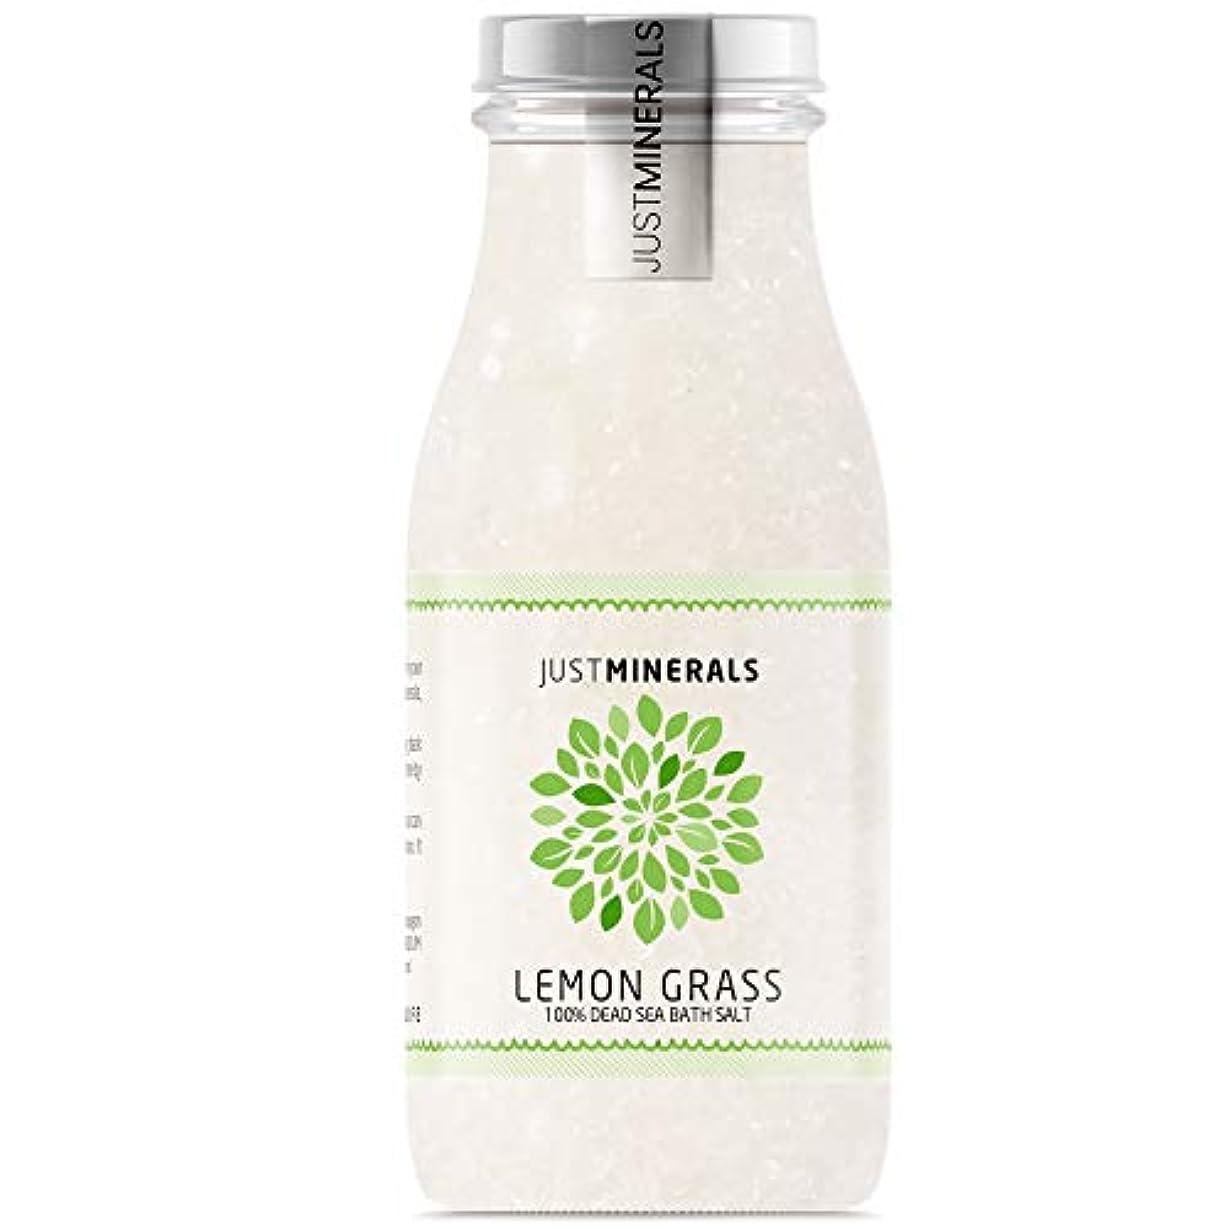 スピーカー透けるすぐにJust Minerals デッドシーバスソルトレモングラス - 100%純粋な無合成色 - レモングラス死海塩